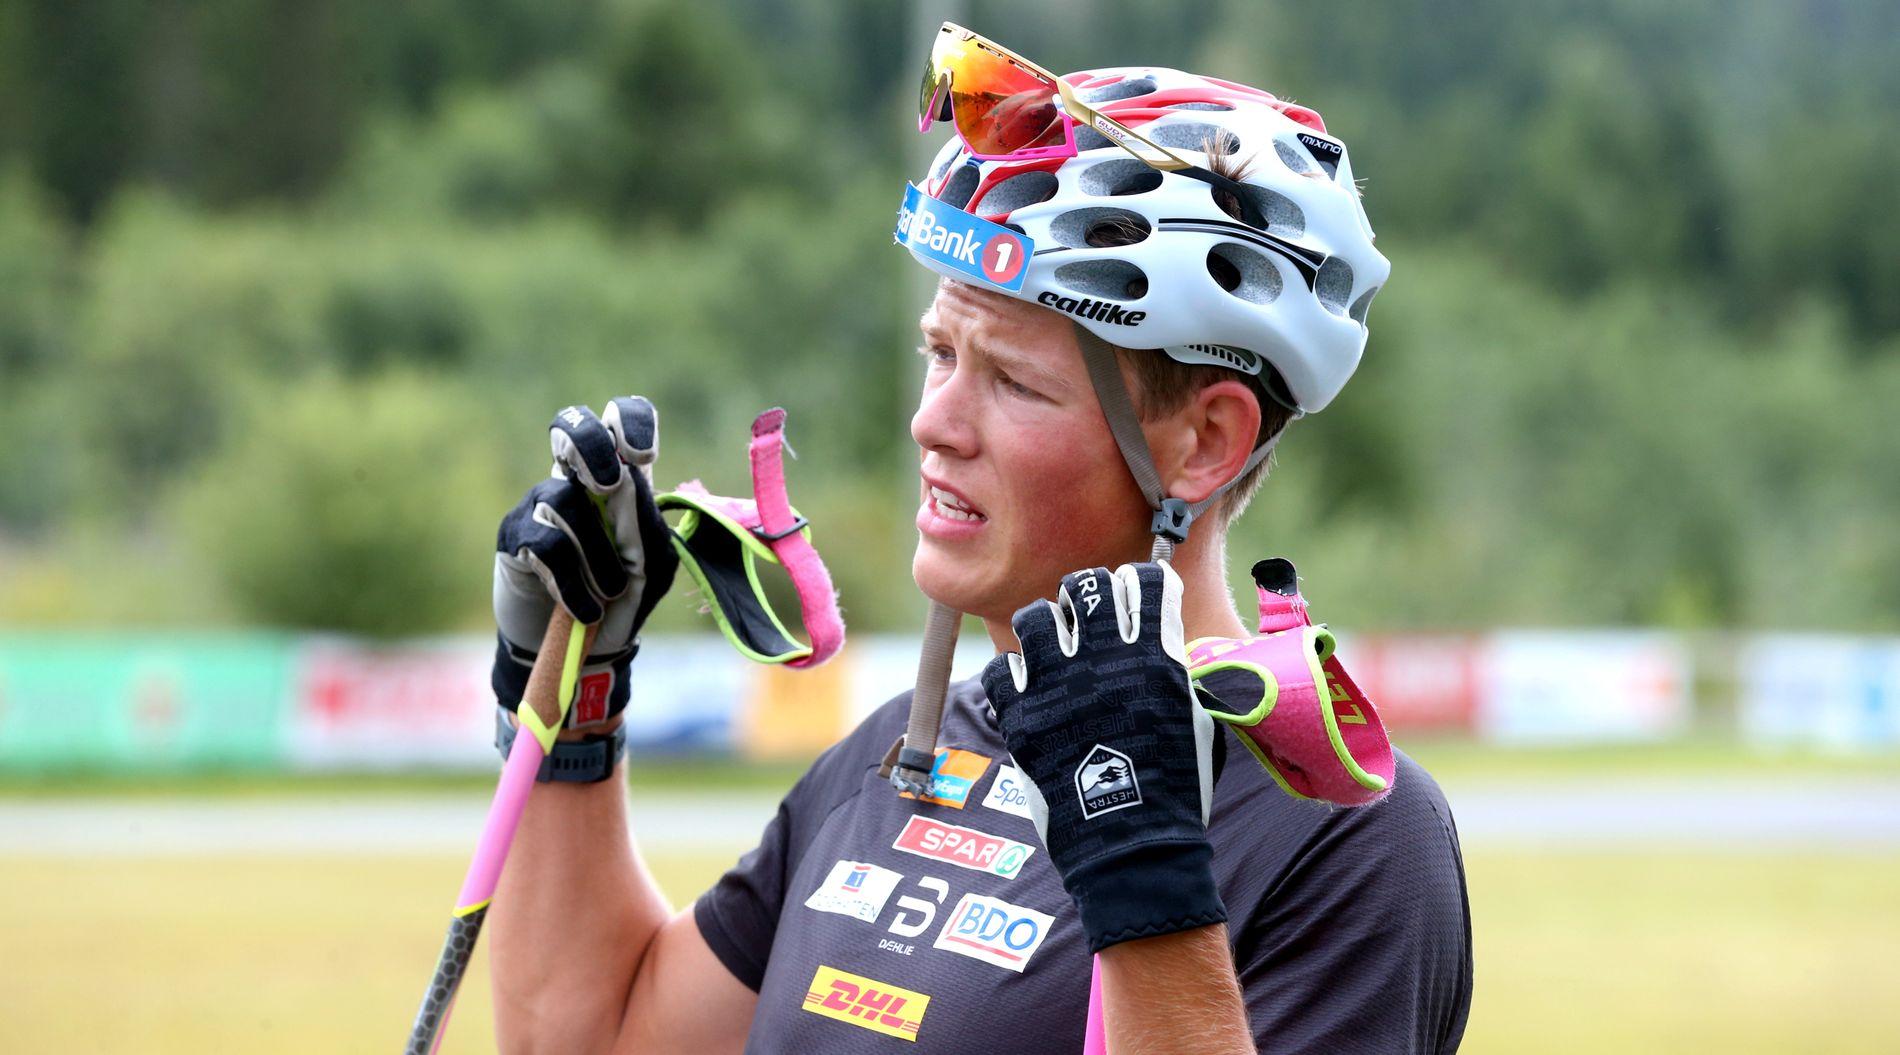 PÅ LANDSLAGET: Johannes Høsflot Klæbo har byttet fra sprint- til allroundlandslaget denne sesongen. Her er han fotografert på samling i Steinkjer.